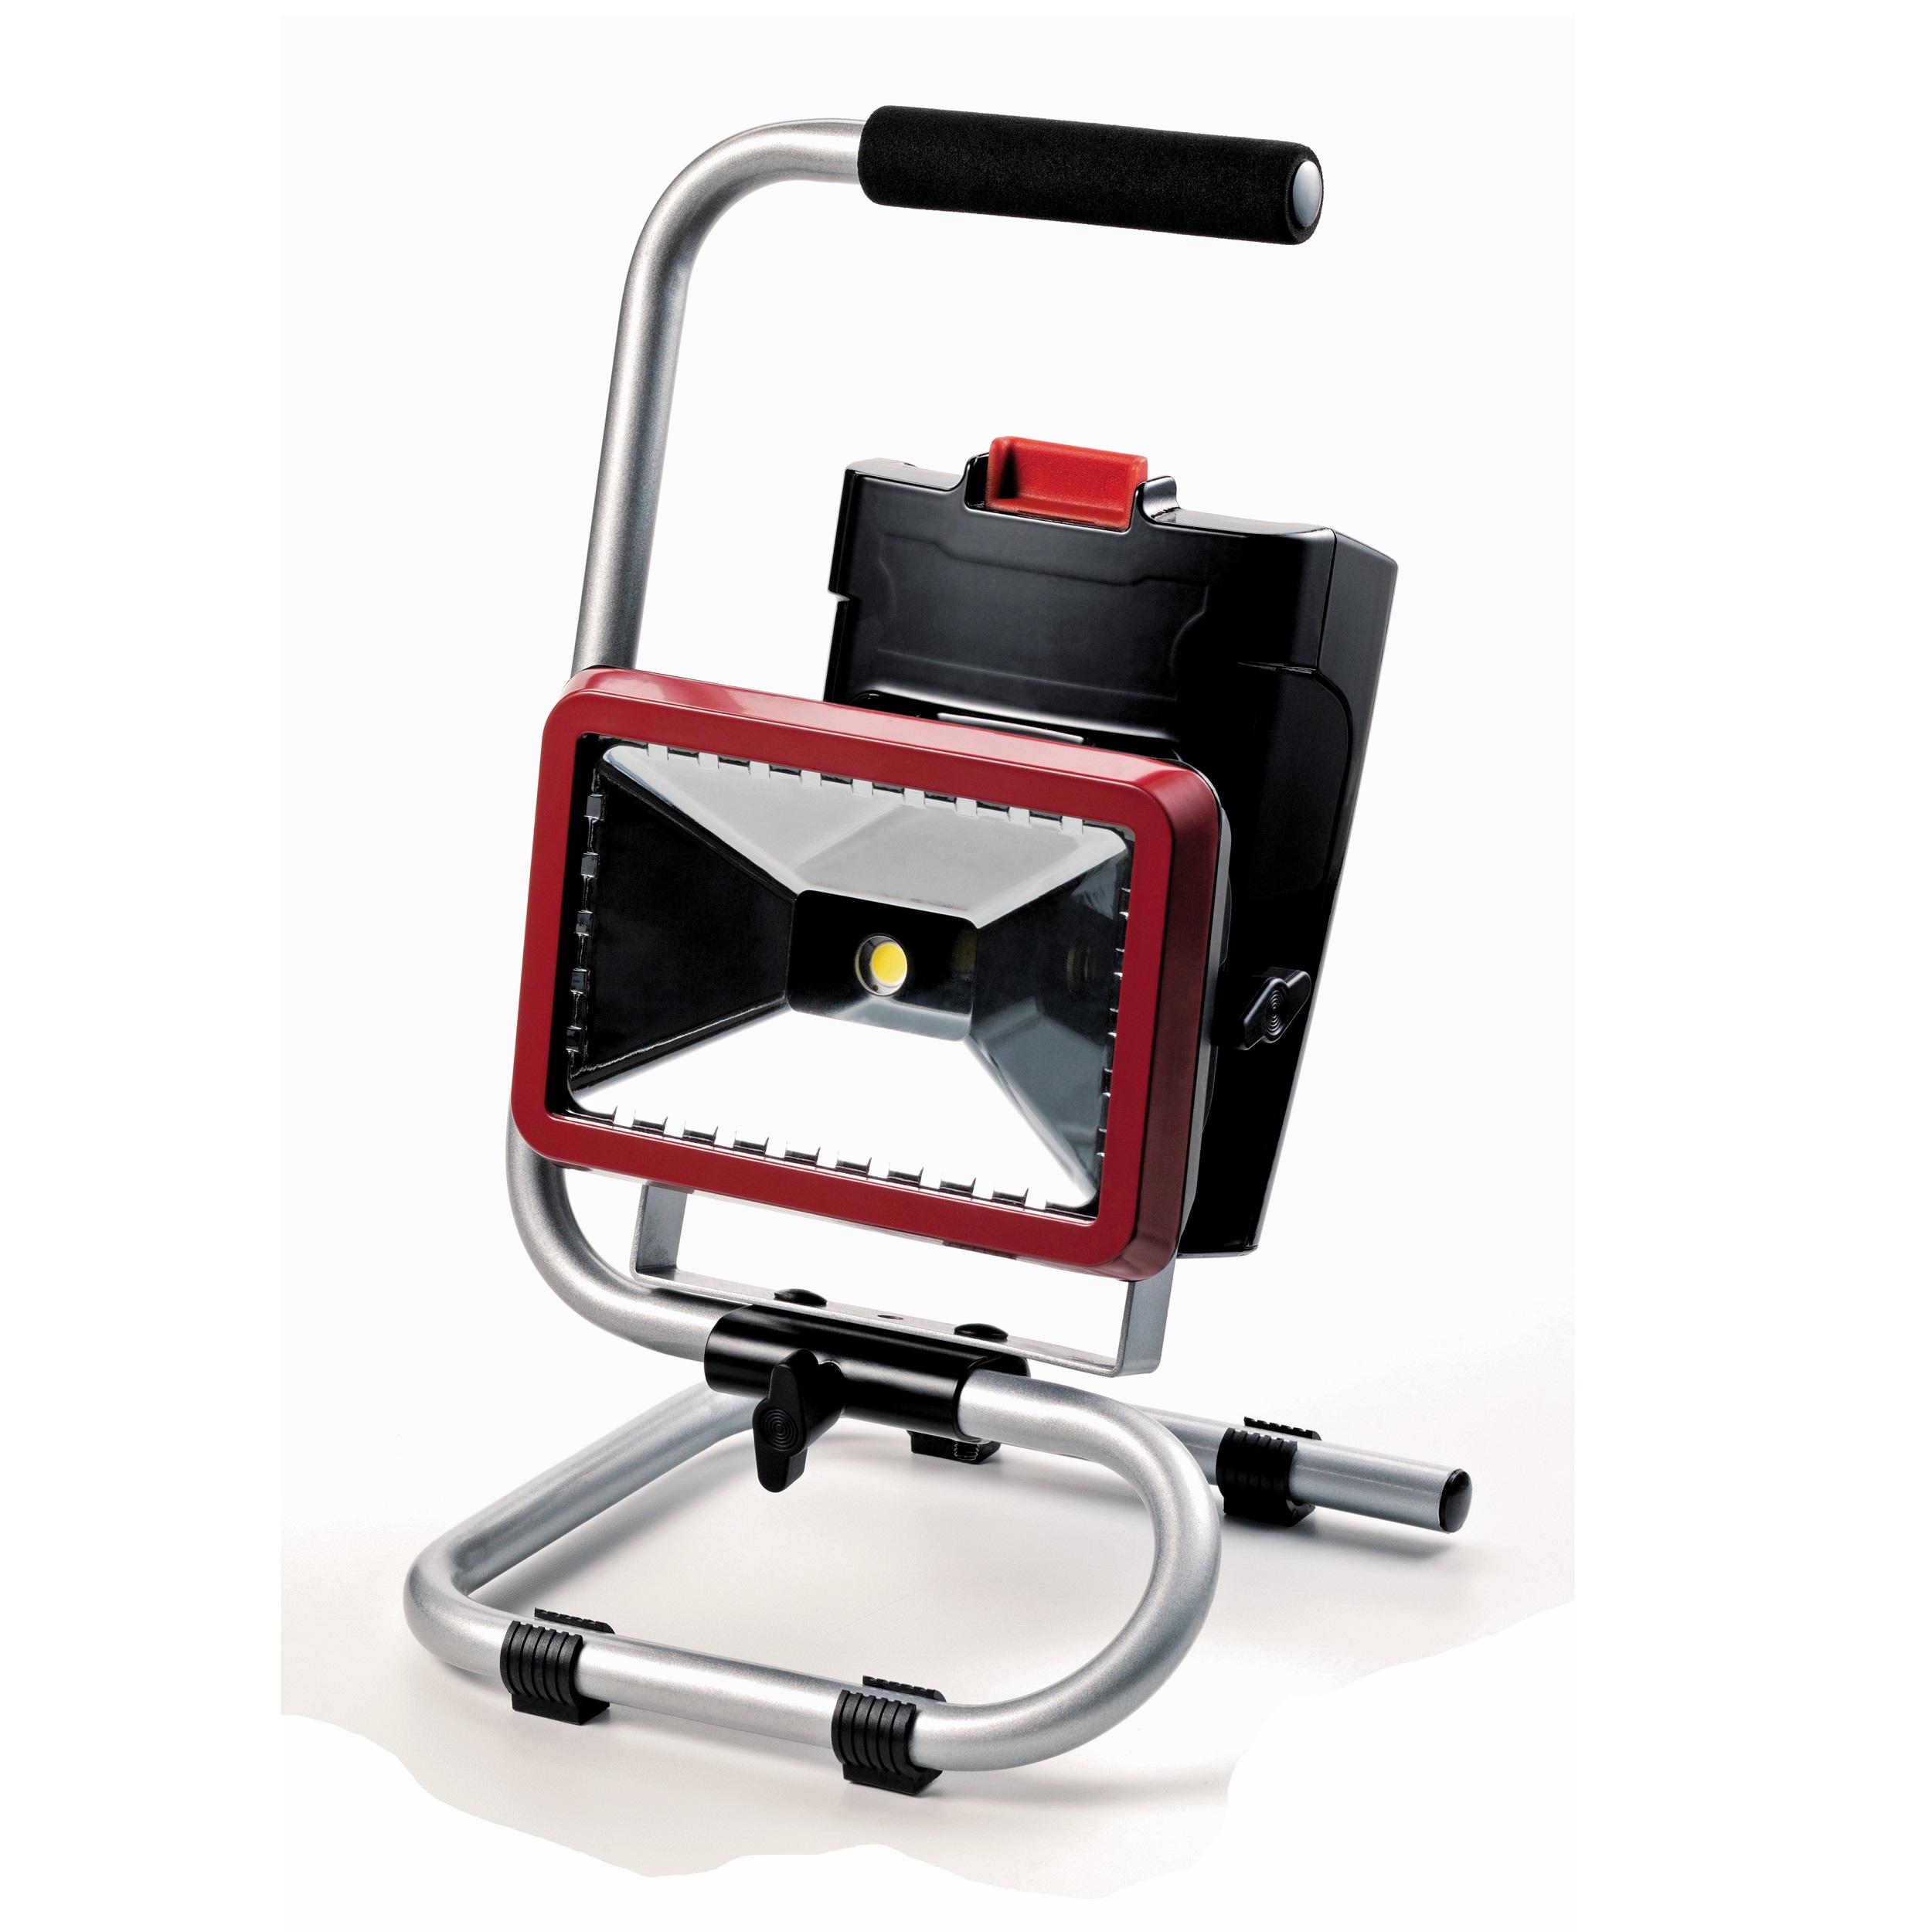 Kaasaskantavad LED prozektor Oregon® 36V WL275 akuta ja laadijata